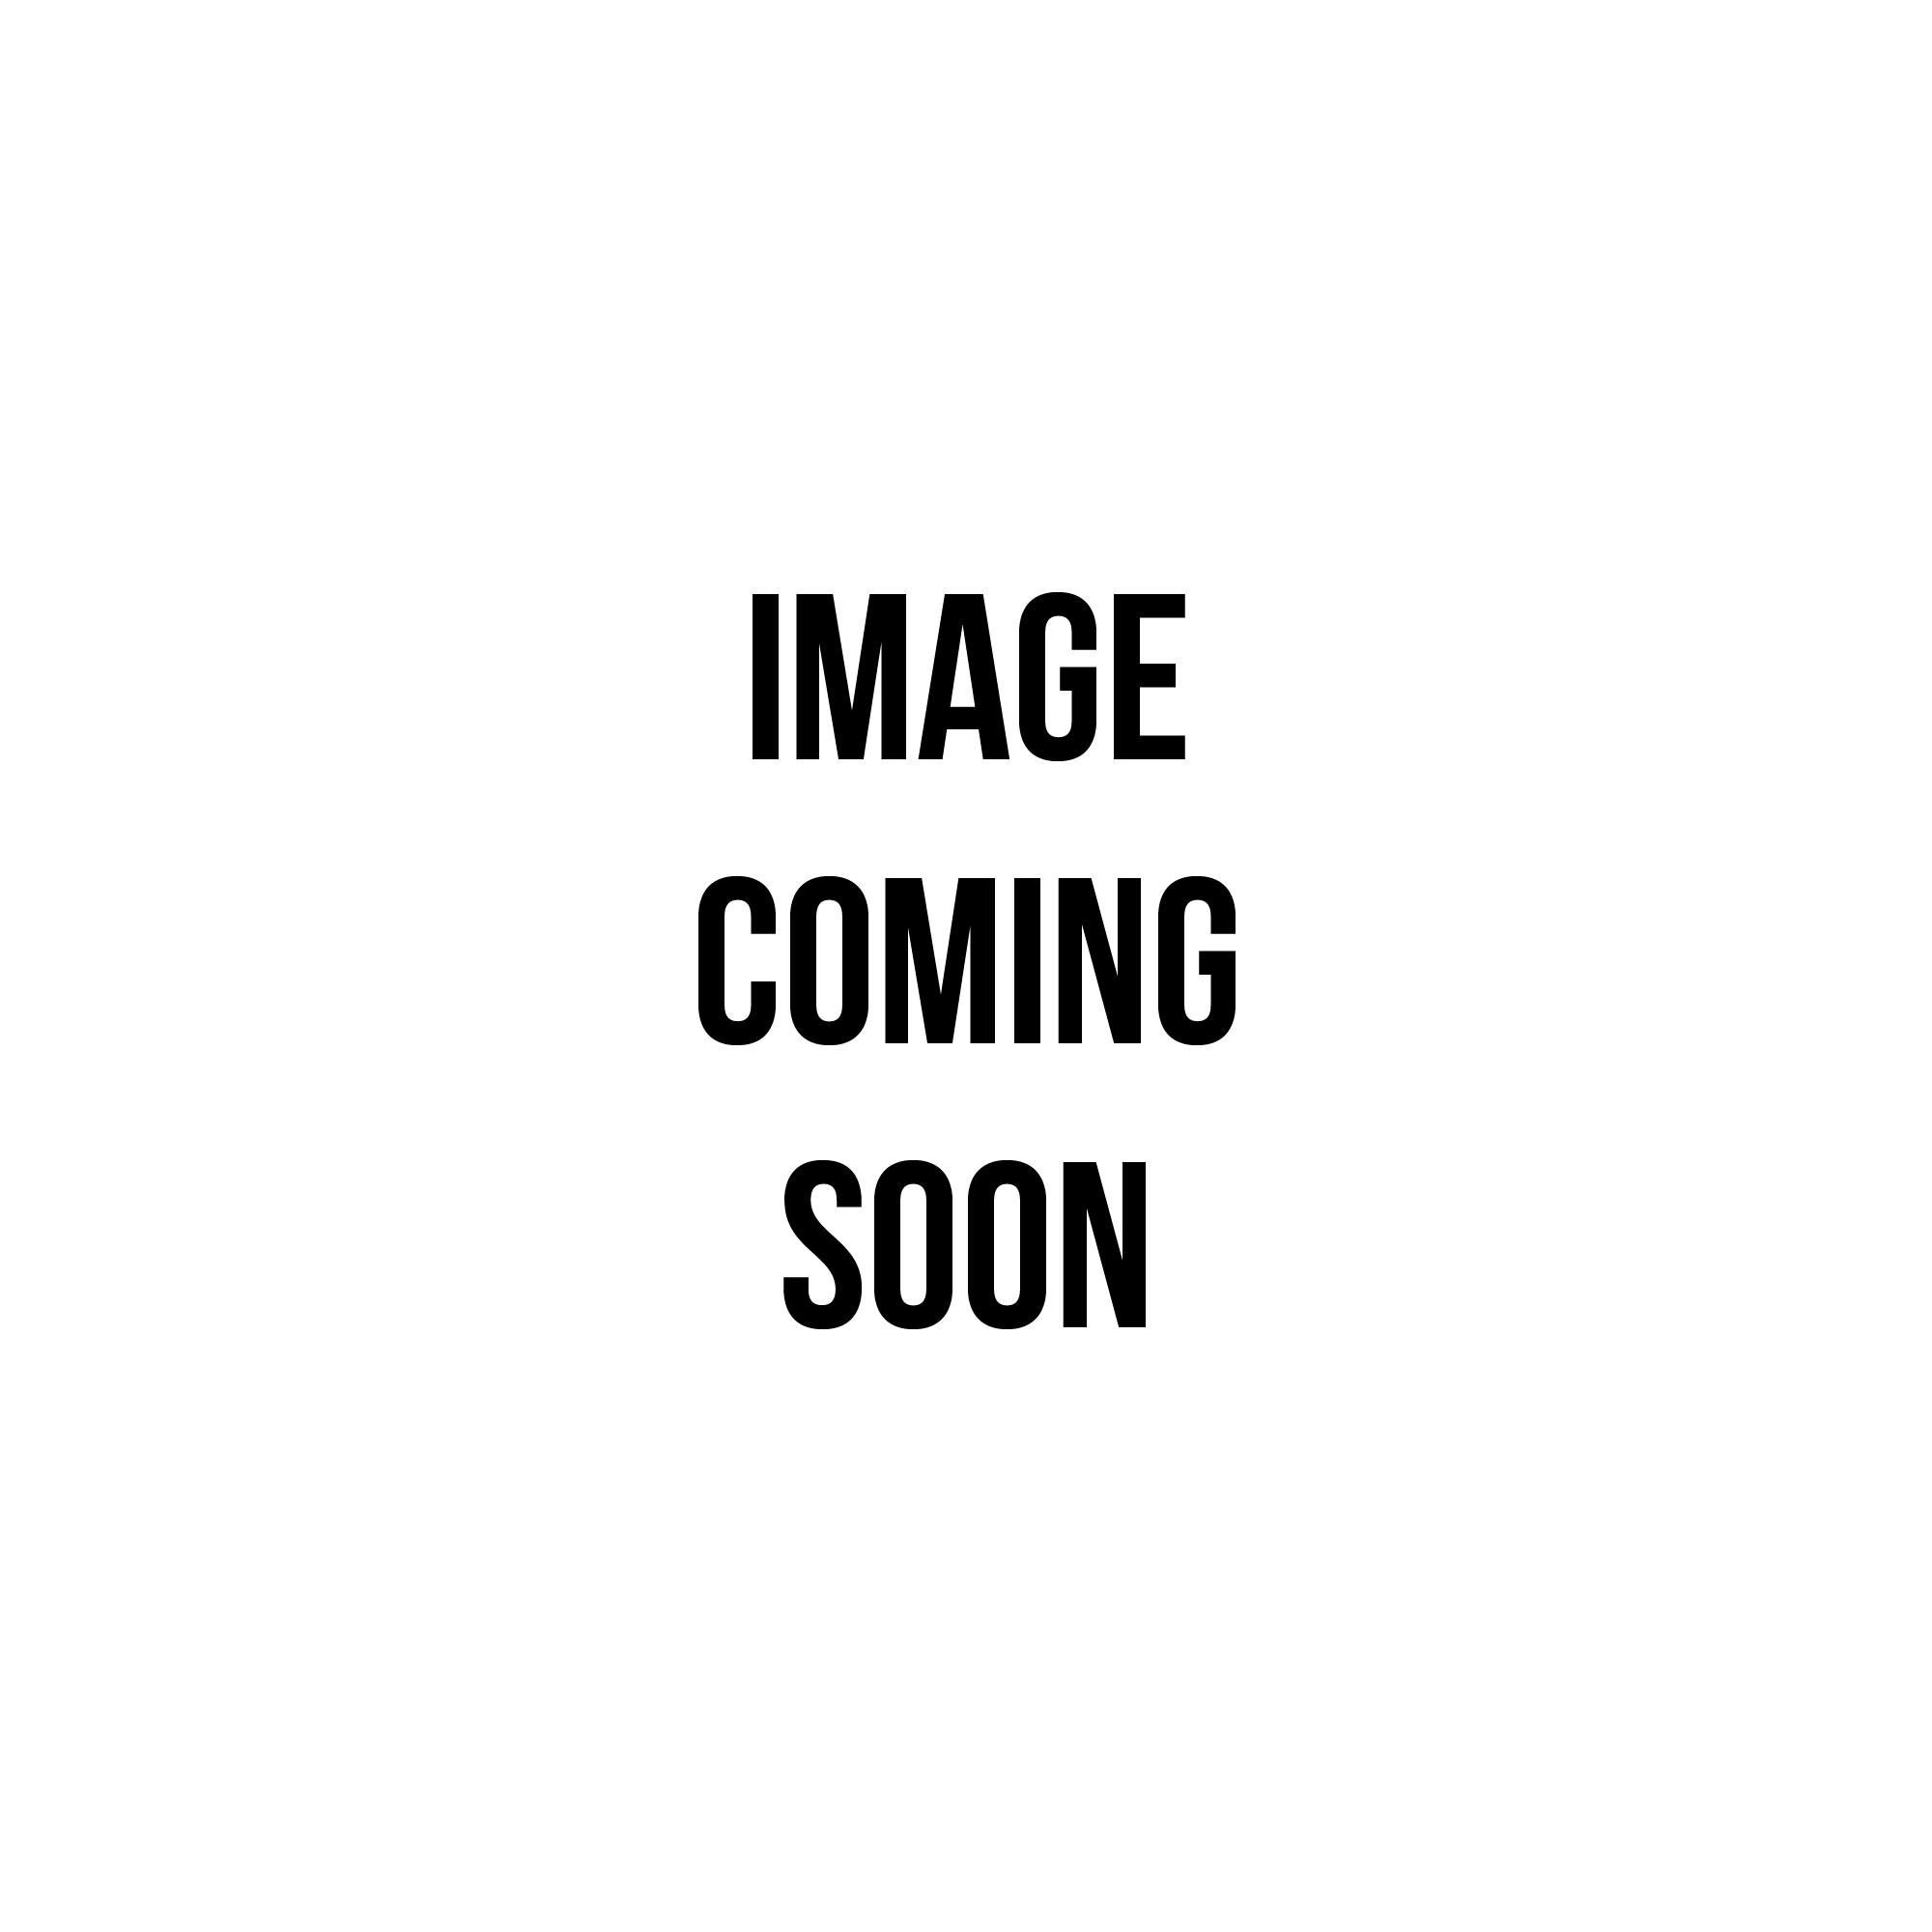 Nike Huarache Exécuter Ultra Respirer Chapeaux Pour Hommes véritable ligne images de sortie Qo8ZpyDl2W